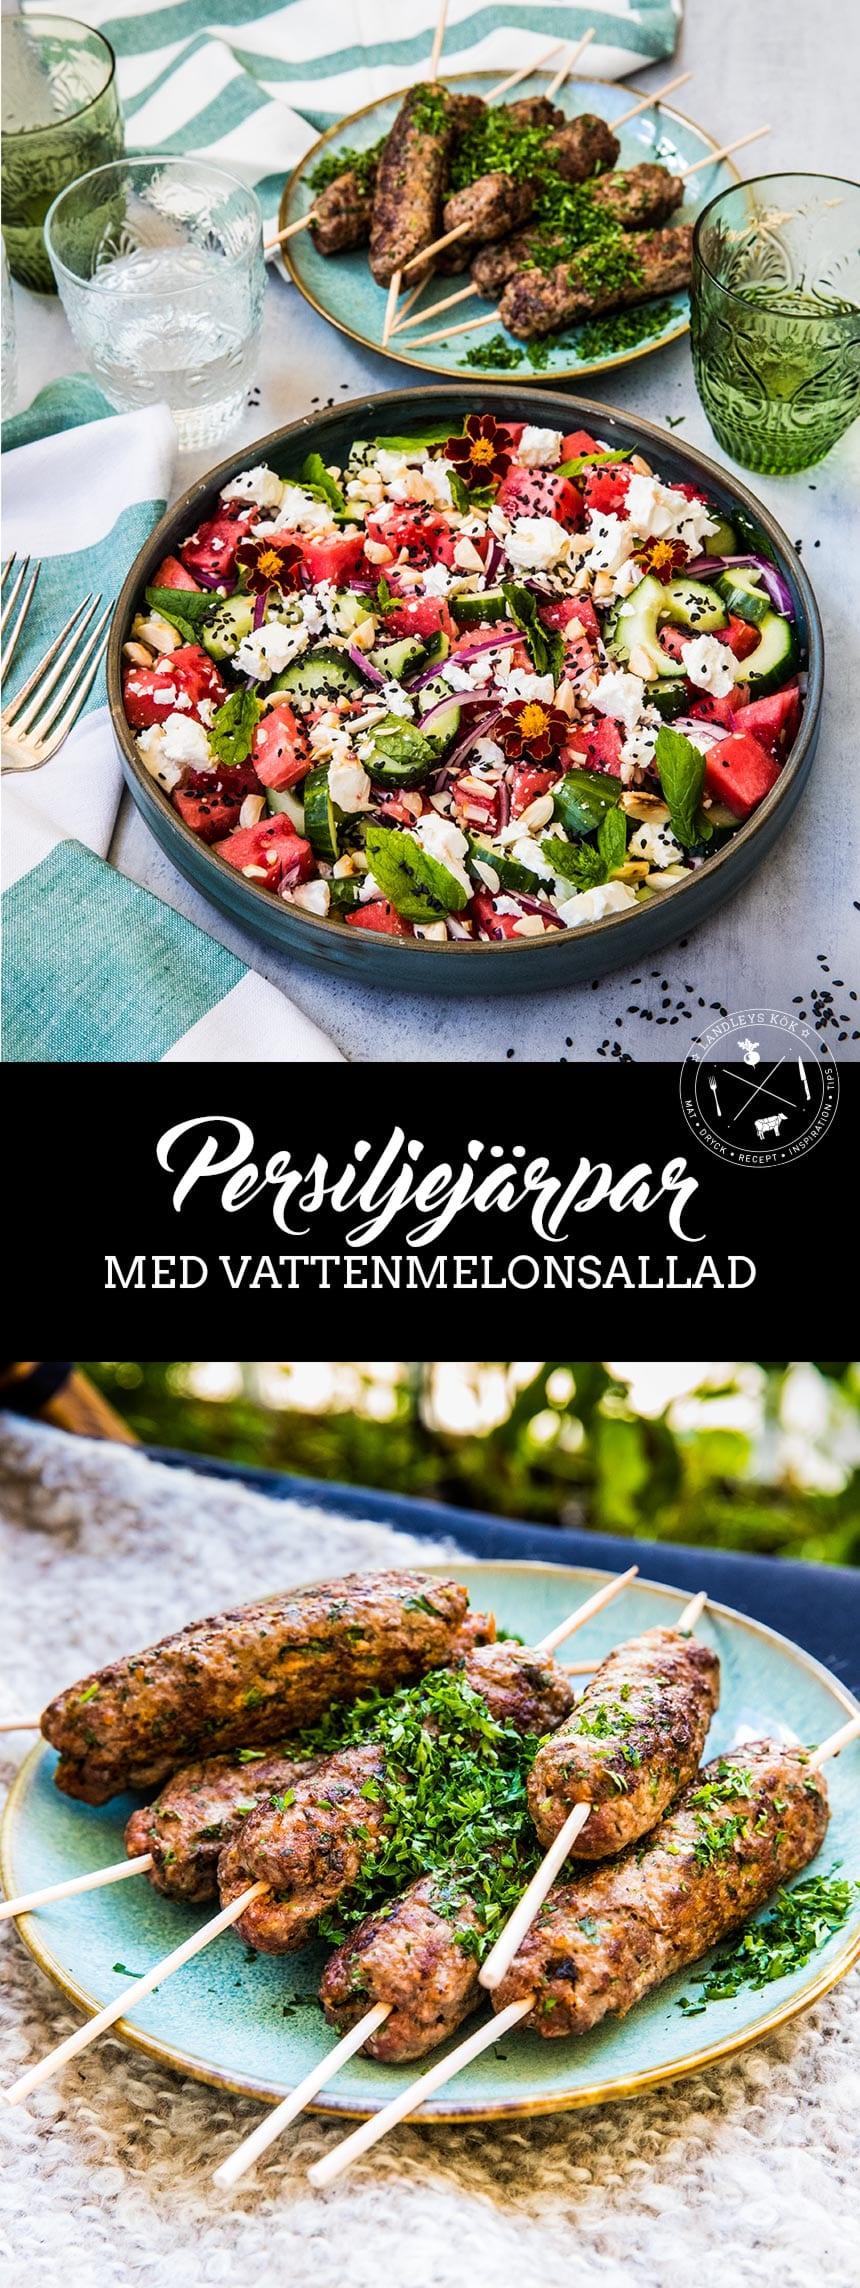 Persiljejärpar med vattenmelonsallad